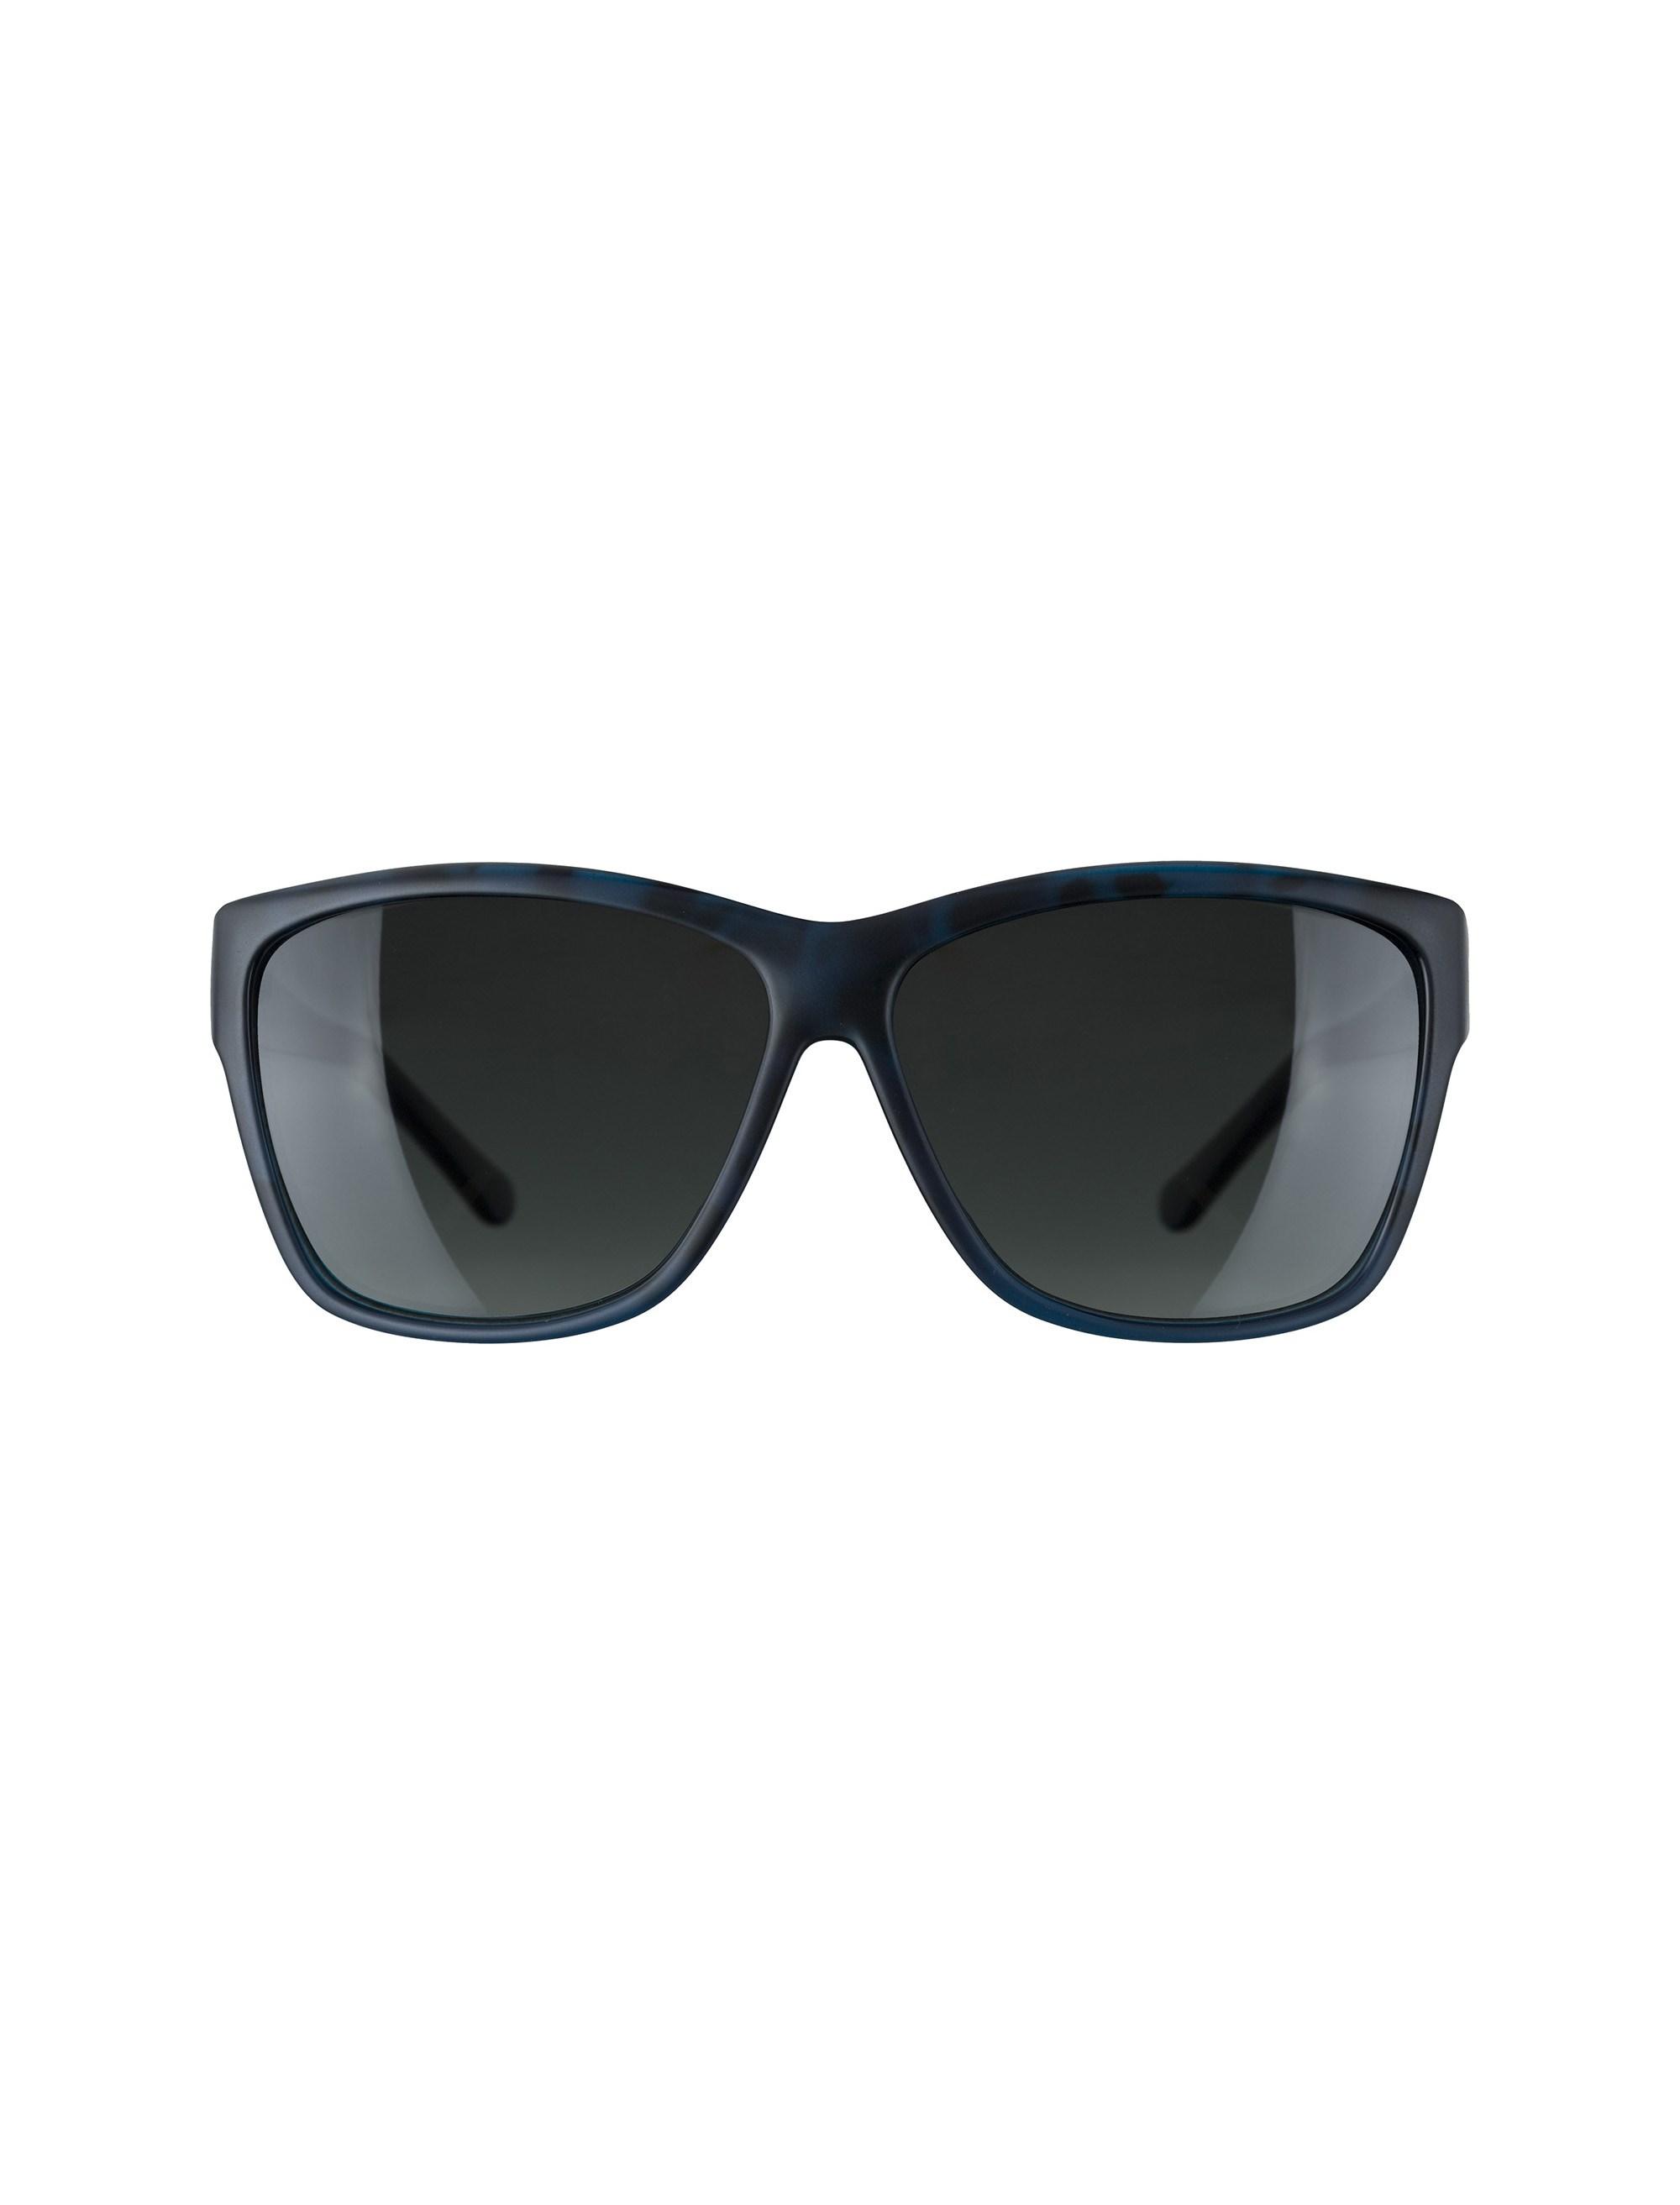 عینک آفتابی مربعی زنانه - مشکي و آبي - 1